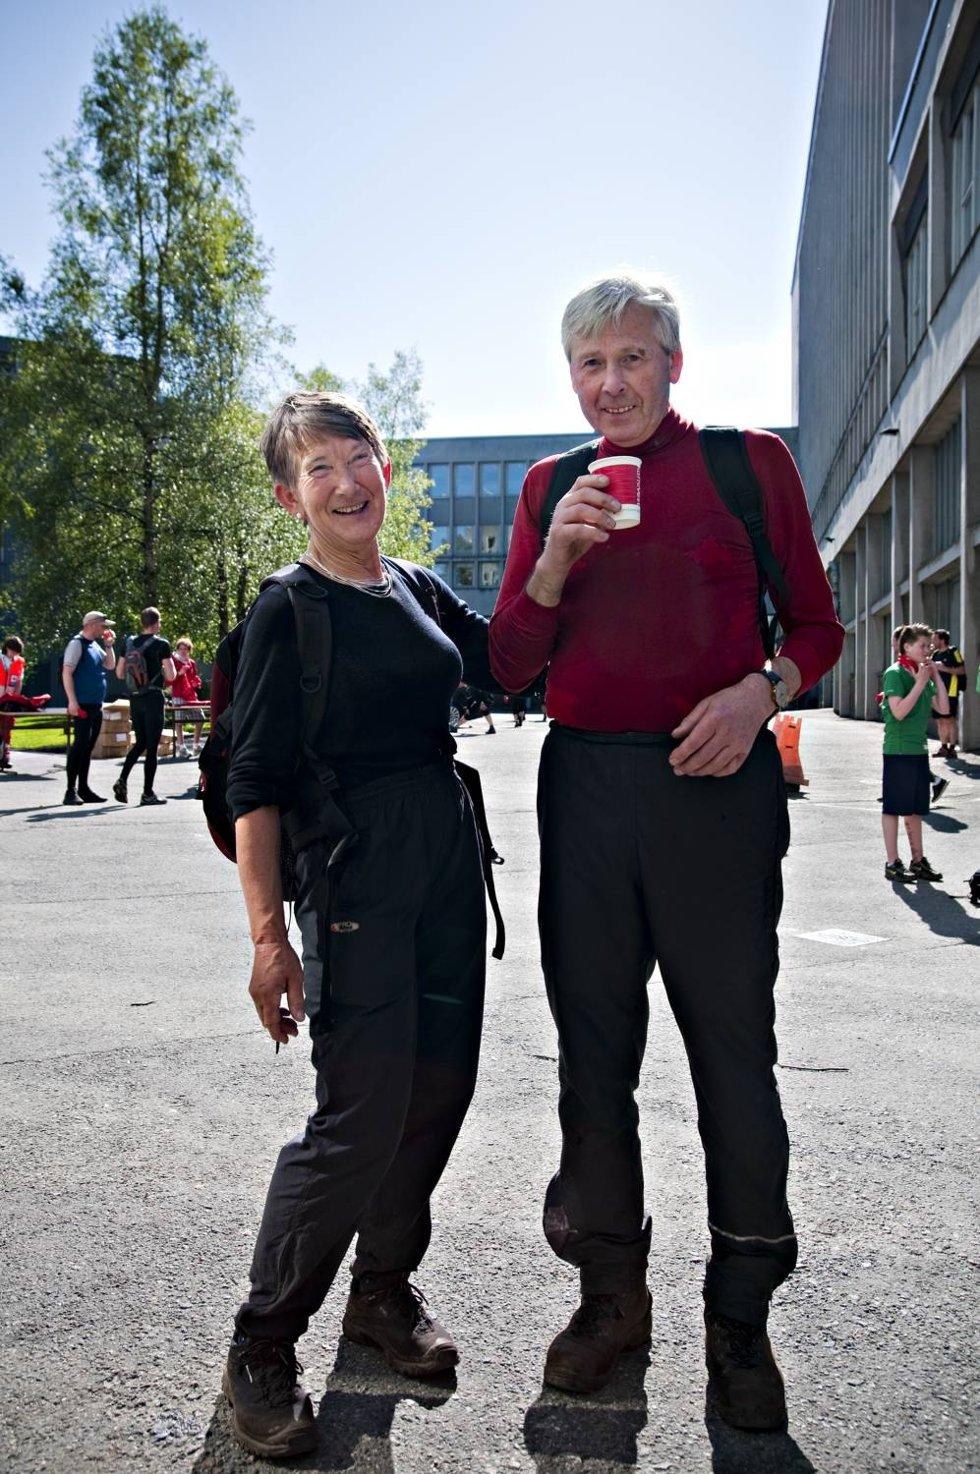 VETERANER: Kirsten Svanøe Søgnen og Arvid Bjørsvik gikk 7-fjellsturen for henholdsvis 35. gang og 49. gang. (Foto: SINDRE RAKNES)